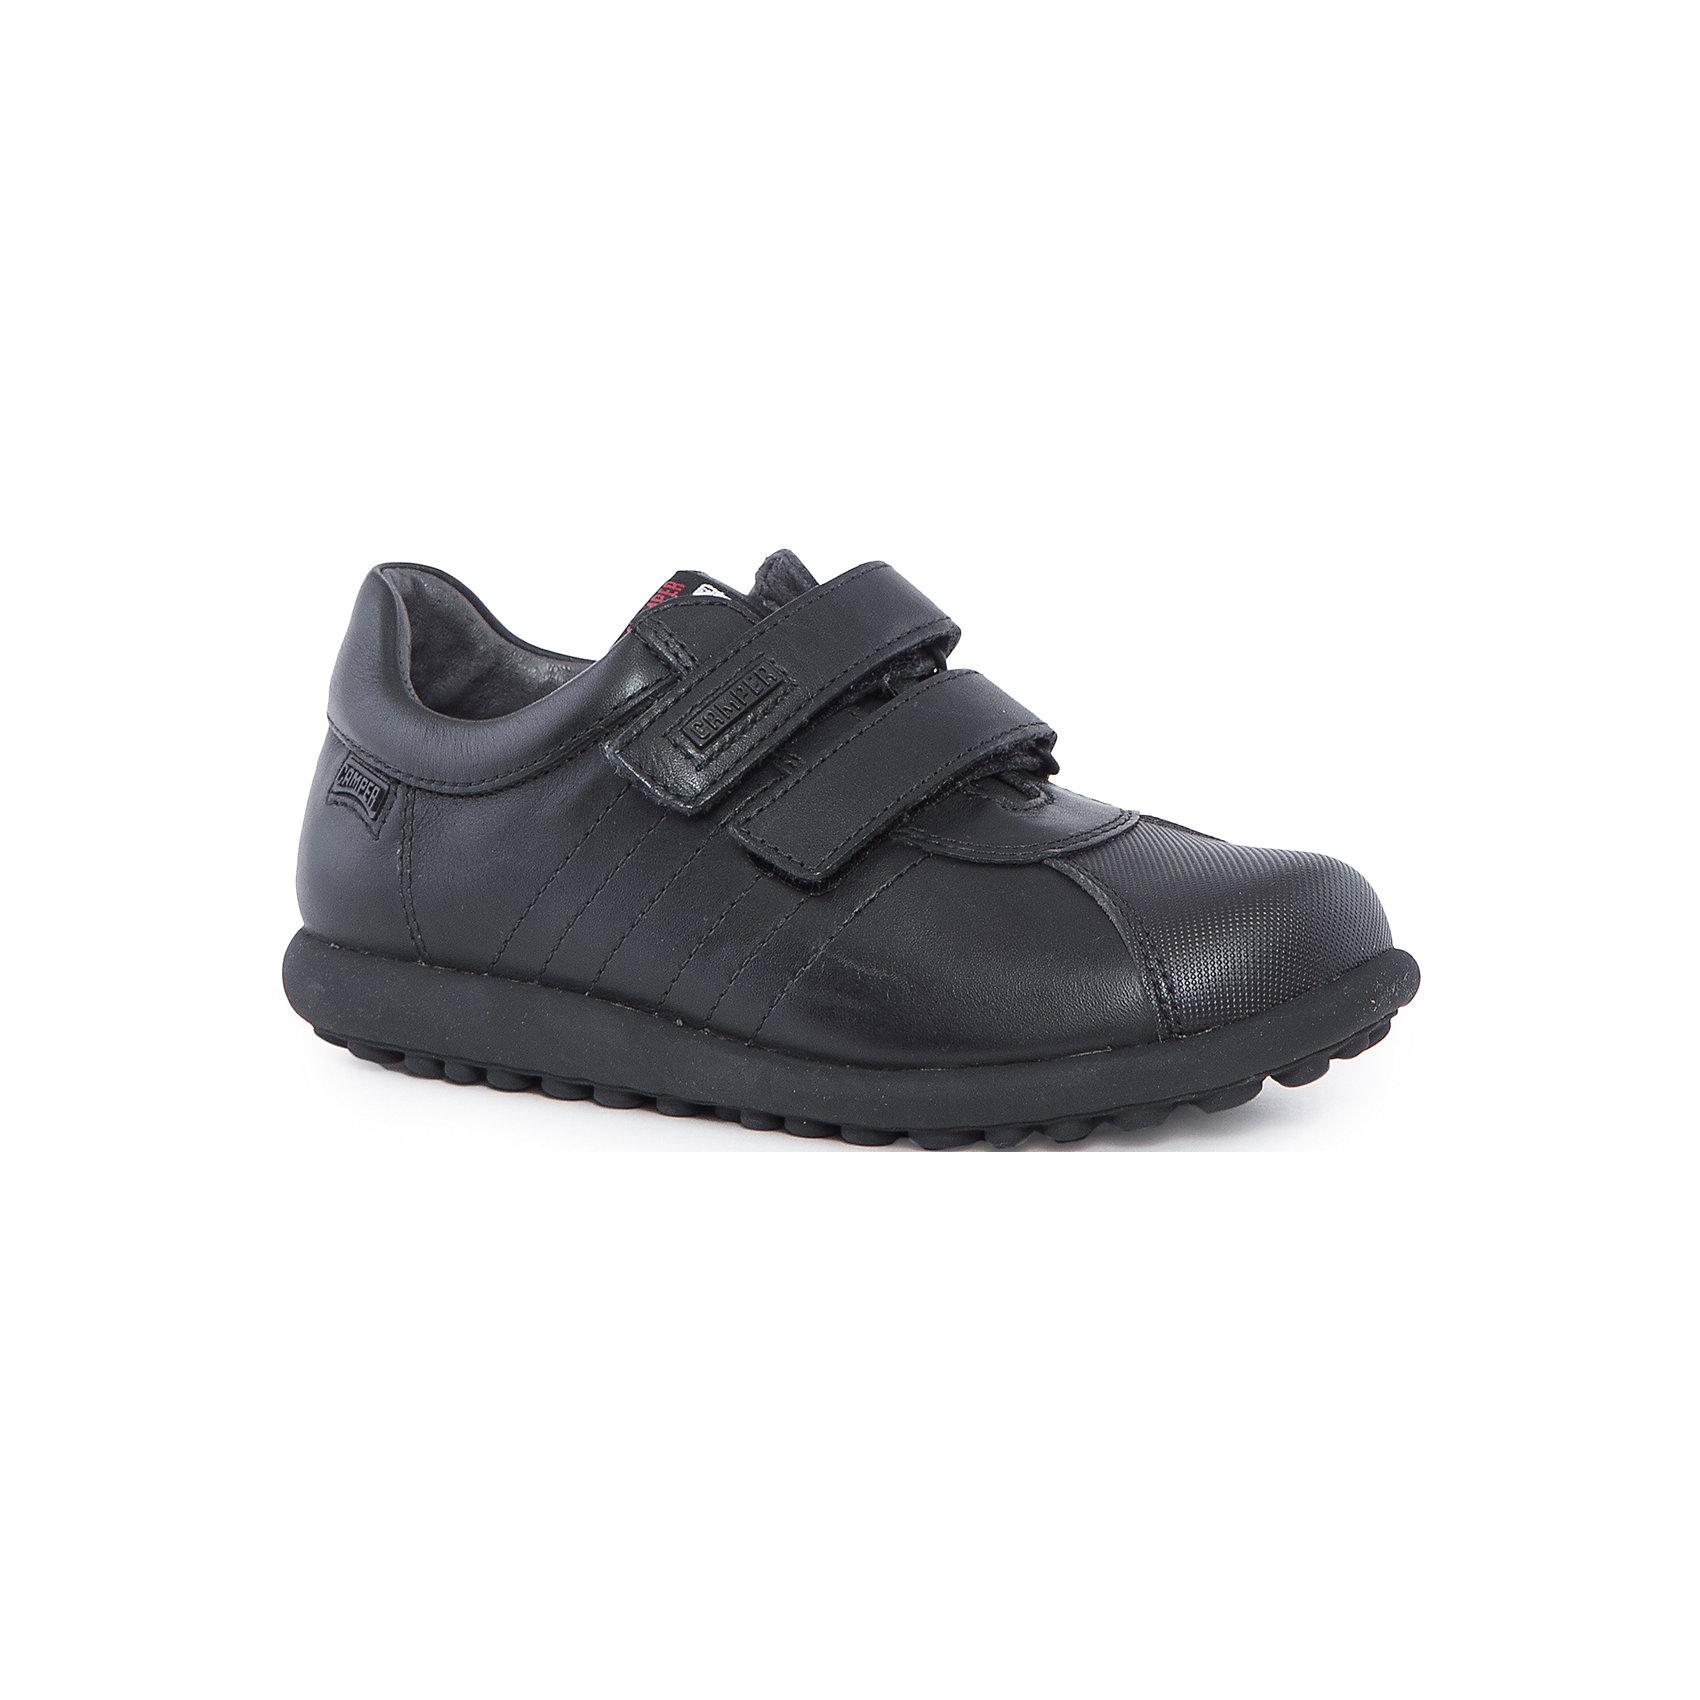 Полуботинки для мальчика CamperХарактеристики:<br><br>• Предназначение: повседневная обувь<br>• Сезон: демисезонные<br>• Пол: для мальчика<br>• Цвет: черный<br>• Материал верха и стельки: натуральная кожа<br>• Материал подошвы: резина<br>• Тип каблука и подошвы: плоская<br>• Тип застежки: ремешки-липучки<br>• Уход: удаление загрязнений мягкой тканью<br><br>Полуботинки для мальчика Camper изготовлены испанским торговым брендом, специализирующимся на производстве обуви премиум-класса. Детская обувь Camper учитывает анатомические особенности детской растущей ноги, поэтому она изготавливается исключительно из натуральной кожи. Полуботинки выполнены из гладкой кожи, все элементы верха прошиты, имеется ортопедическая стелька, для защиты от натирания предусмотрена мягкая пятка. Обувь представляет собой детскую версию культовой модели Pelotas со всеми атрибутами брендового дизайна, которая отличается повышенной стойкостью к износу. <br><br>Полуботинки для мальчика Camper можно купить в нашем интернет-магазине.<br><br>Ширина мм: 262<br>Глубина мм: 176<br>Высота мм: 97<br>Вес г: 427<br>Цвет: черный<br>Возраст от месяцев: 156<br>Возраст до месяцев: 168<br>Пол: Мужской<br>Возраст: Детский<br>Размер: 33,36,34,35,37,31,32,38,30<br>SKU: 4974863